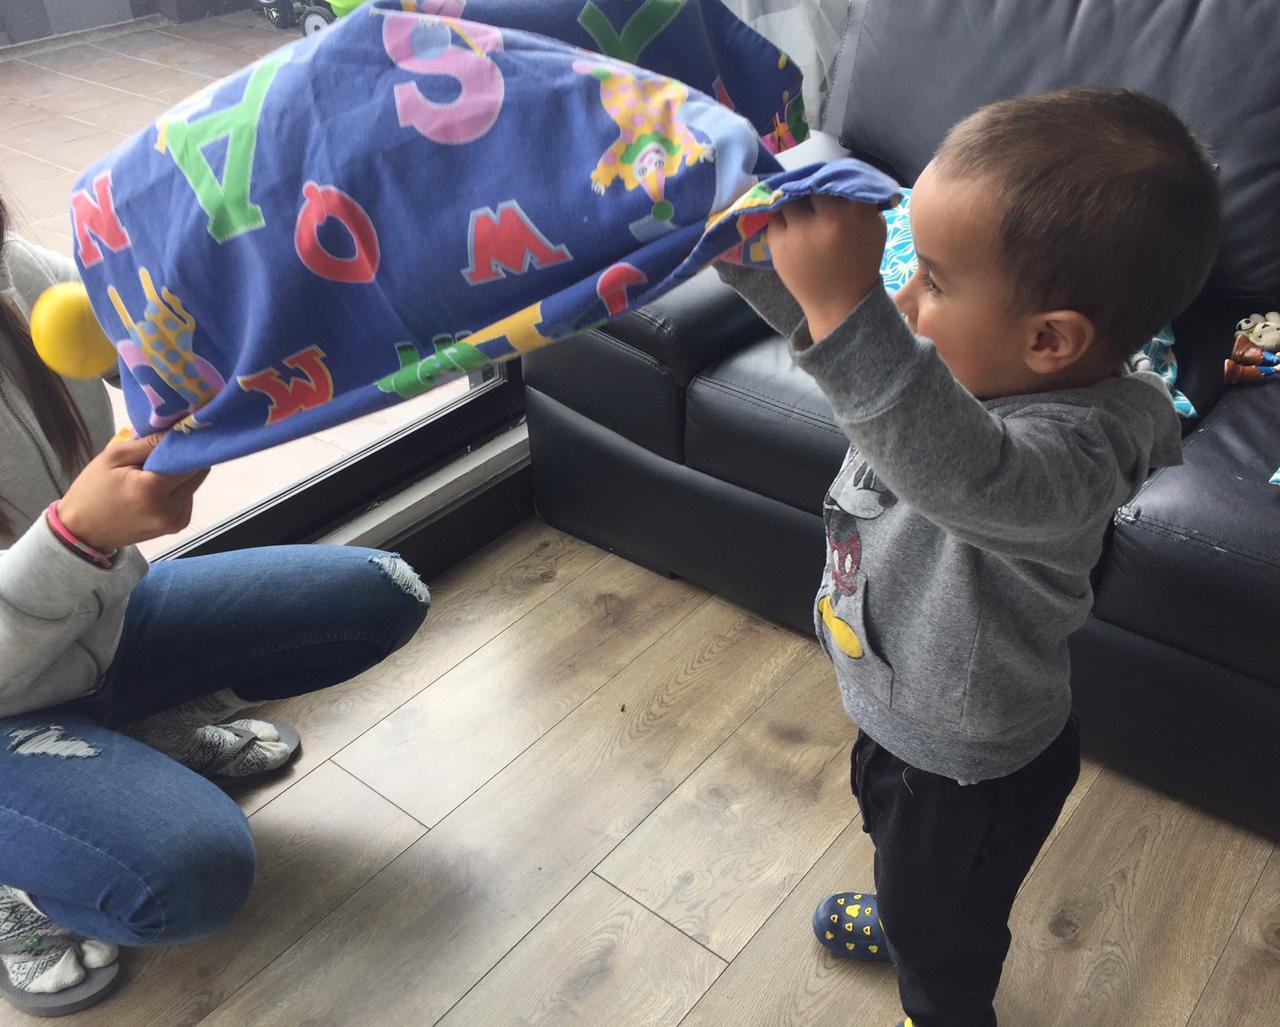 Diario de la Cuarentena (8) – Estrés en los niños